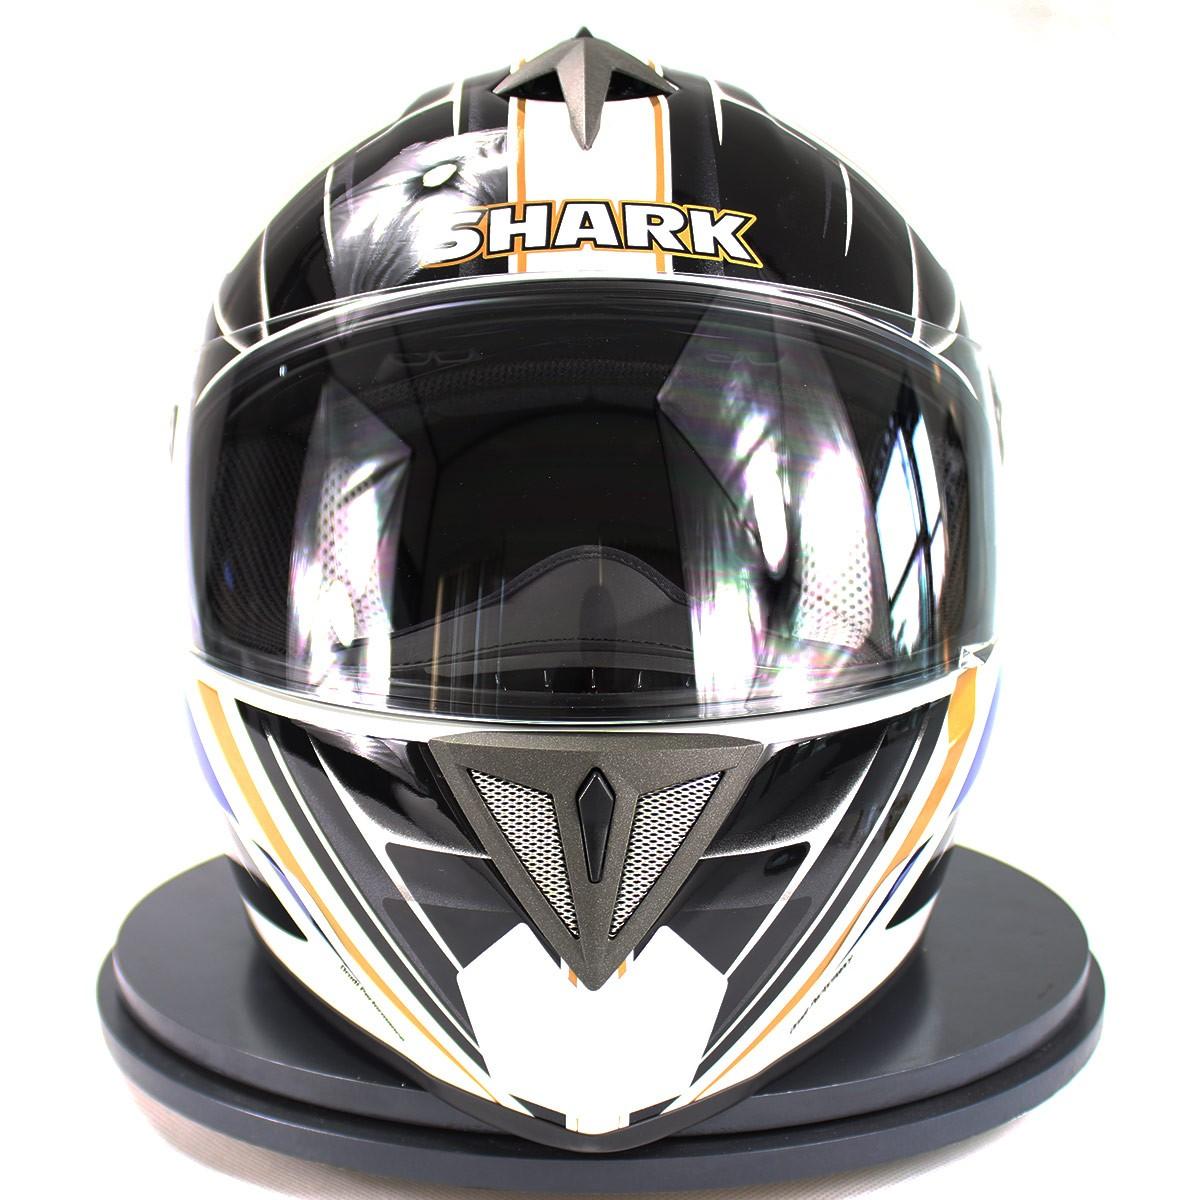 Capacete Shark RSI Guintoli WBR  - Nova Suzuki Motos e Acessórios